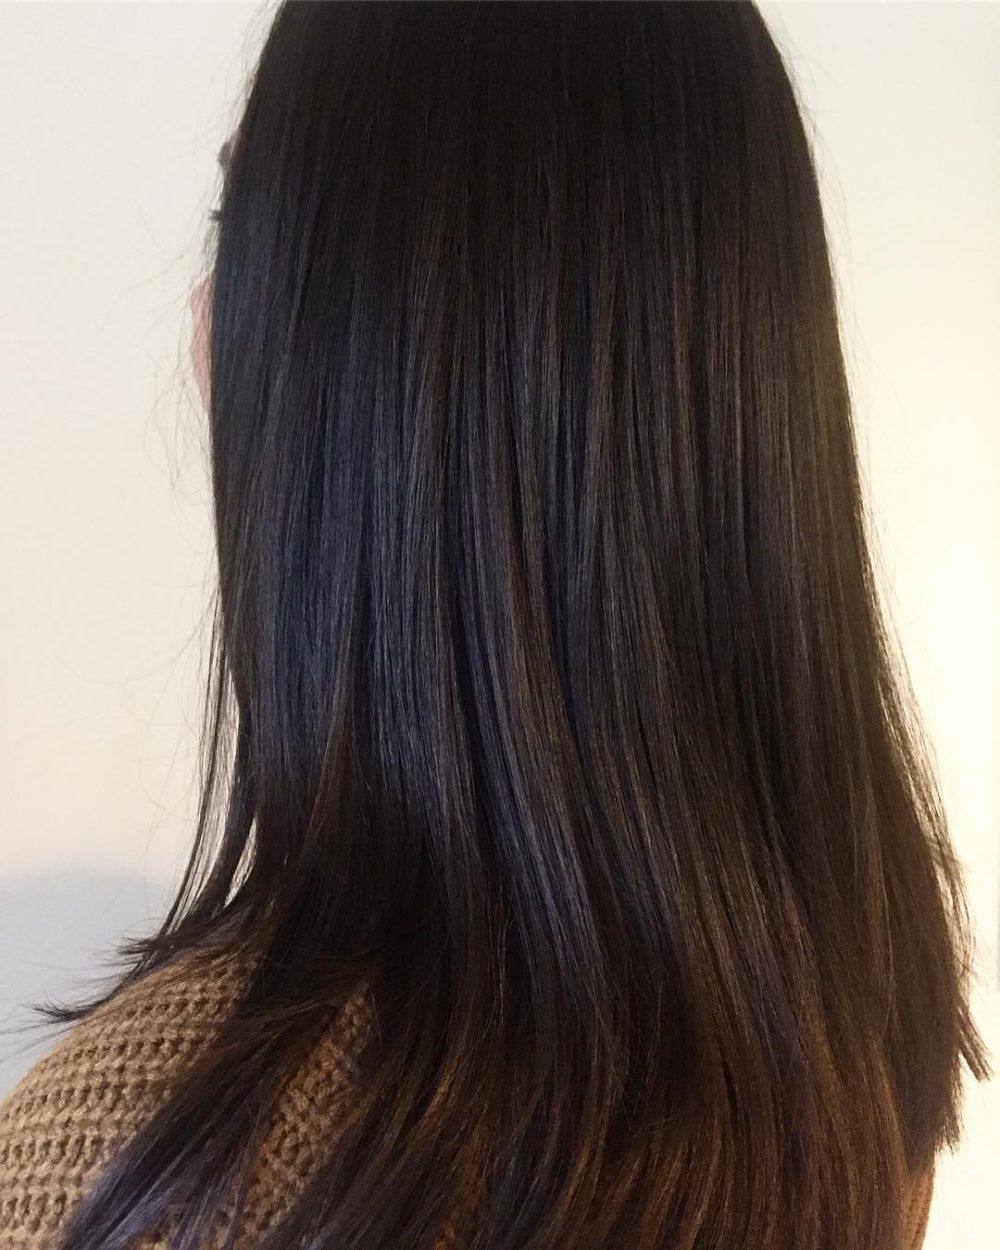 جدید ترین مدل رنگ موی تیره